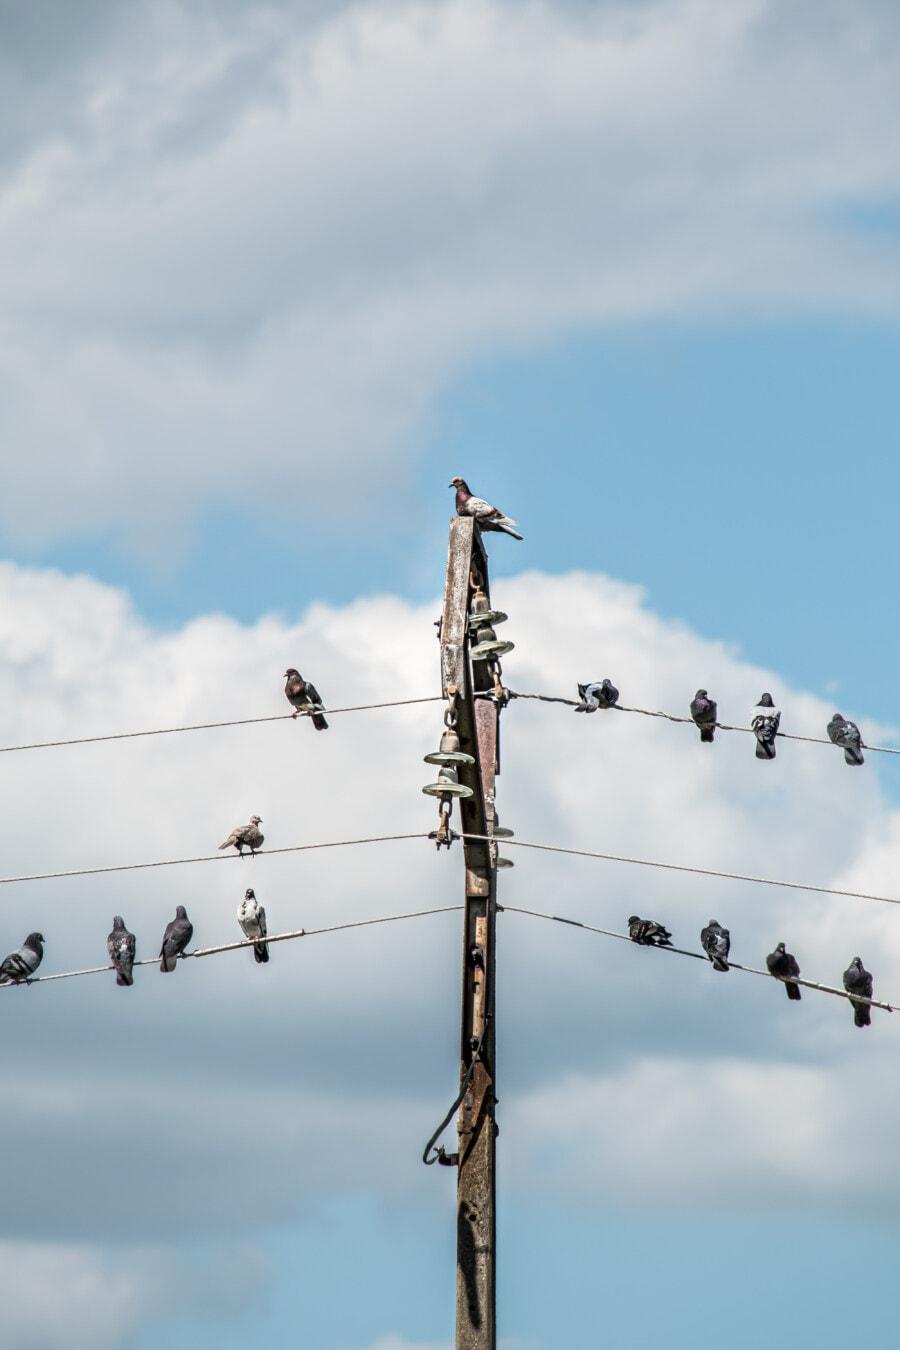 Taube, Vögel, Pylon, Übertragung, Drähte, Strom, Vogel, Energie, Spannung, Kabel